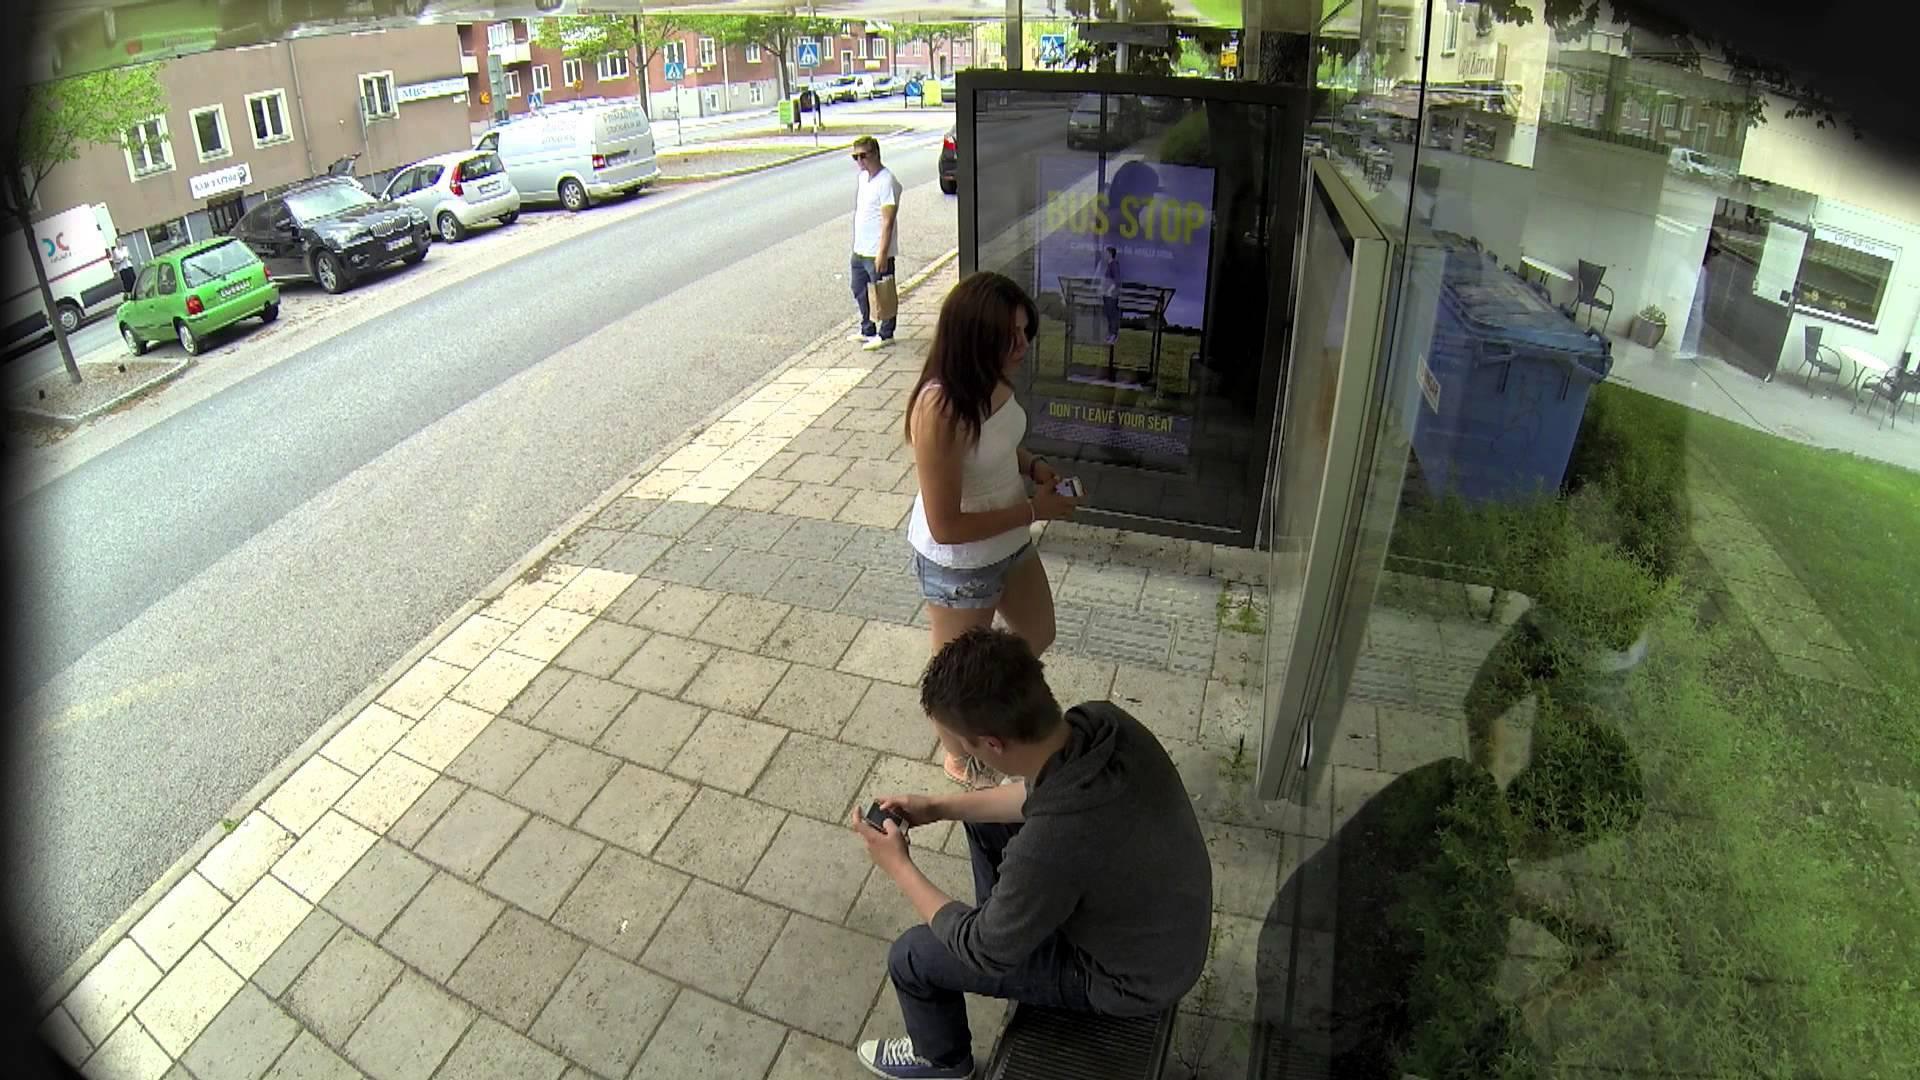 Sorpresa alla fermata dell'autobus: vedono qualcosa che li lascia stupefatti -VIDEO